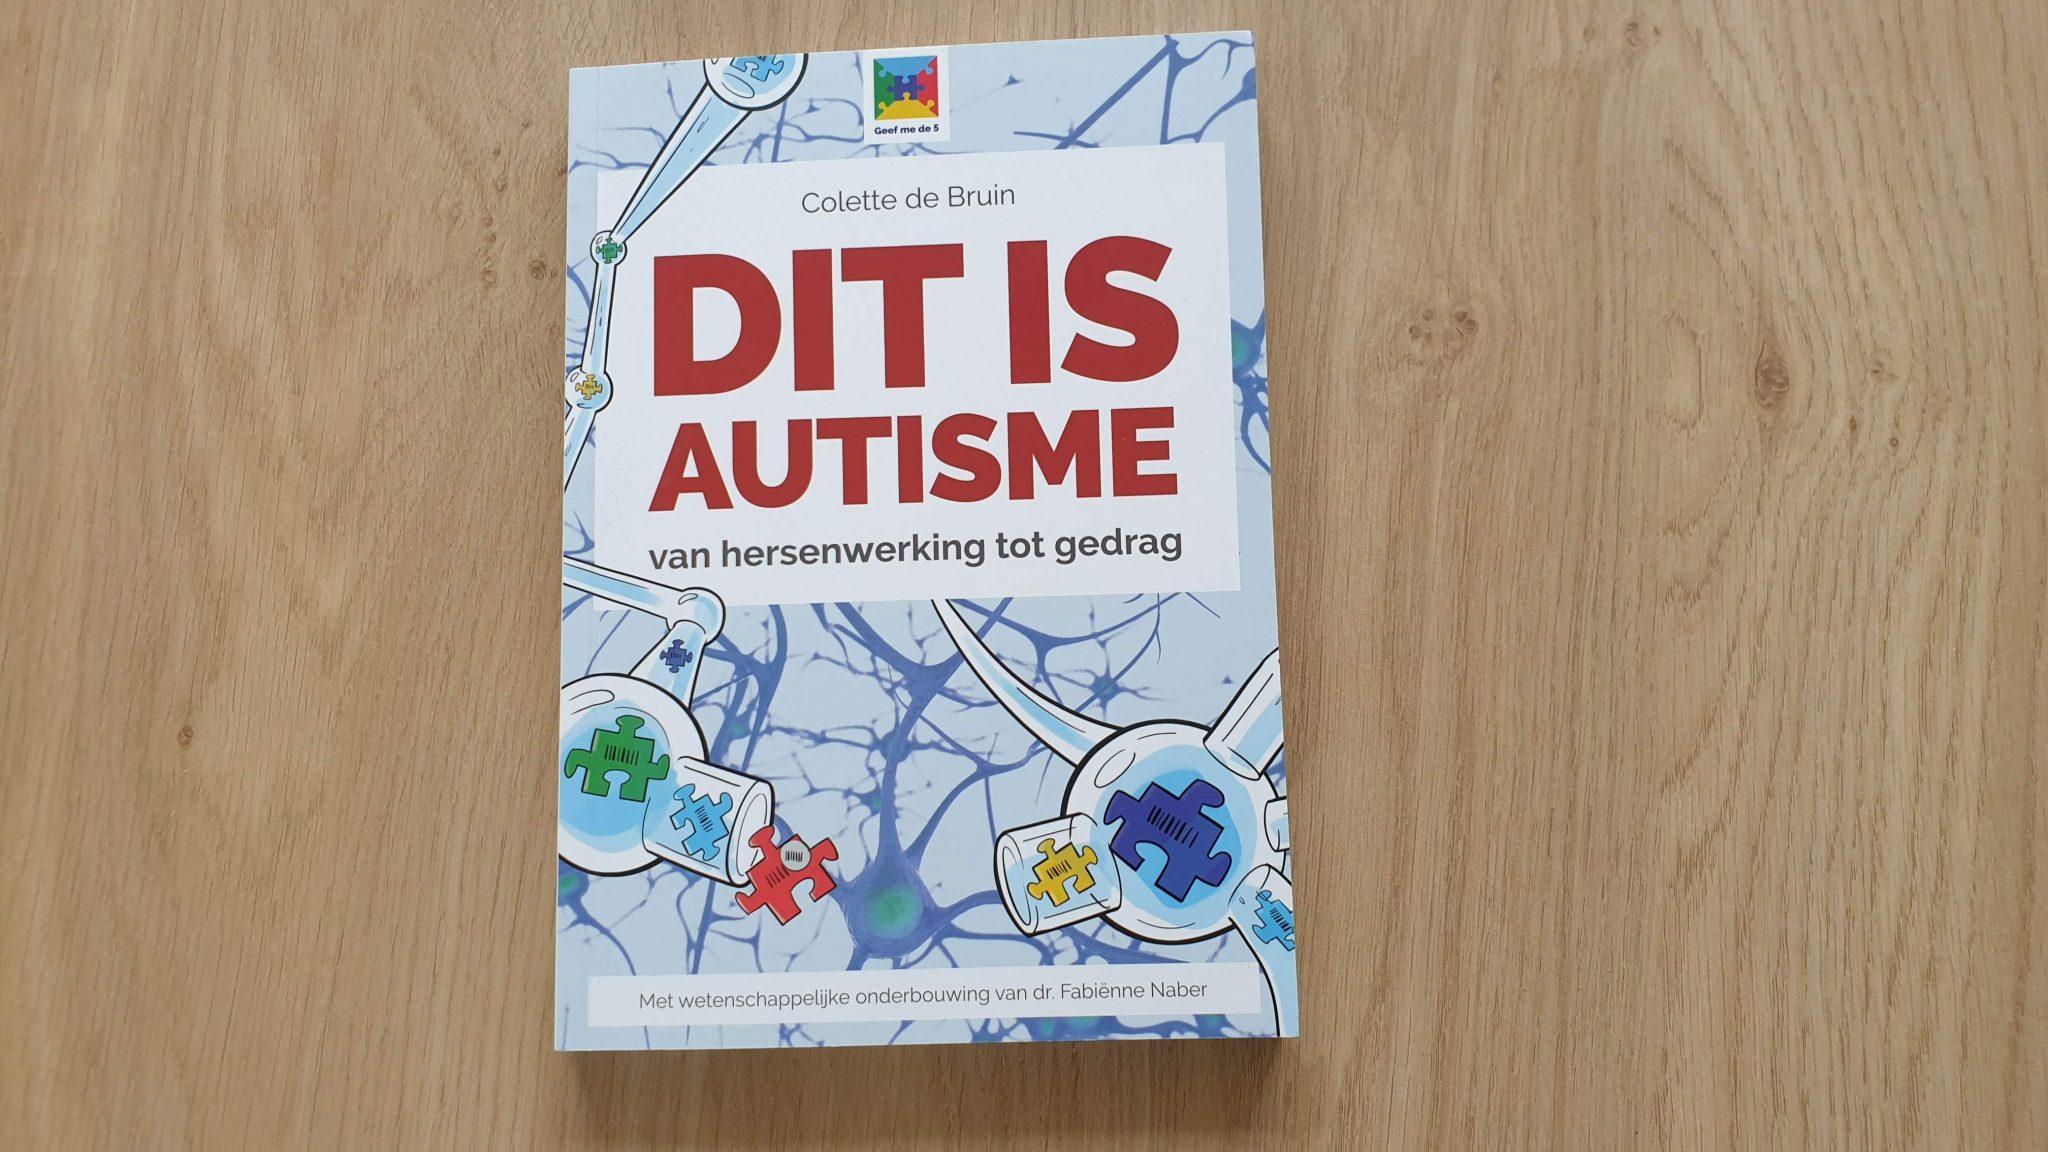 Dit is autisme de voorkant van het boek.